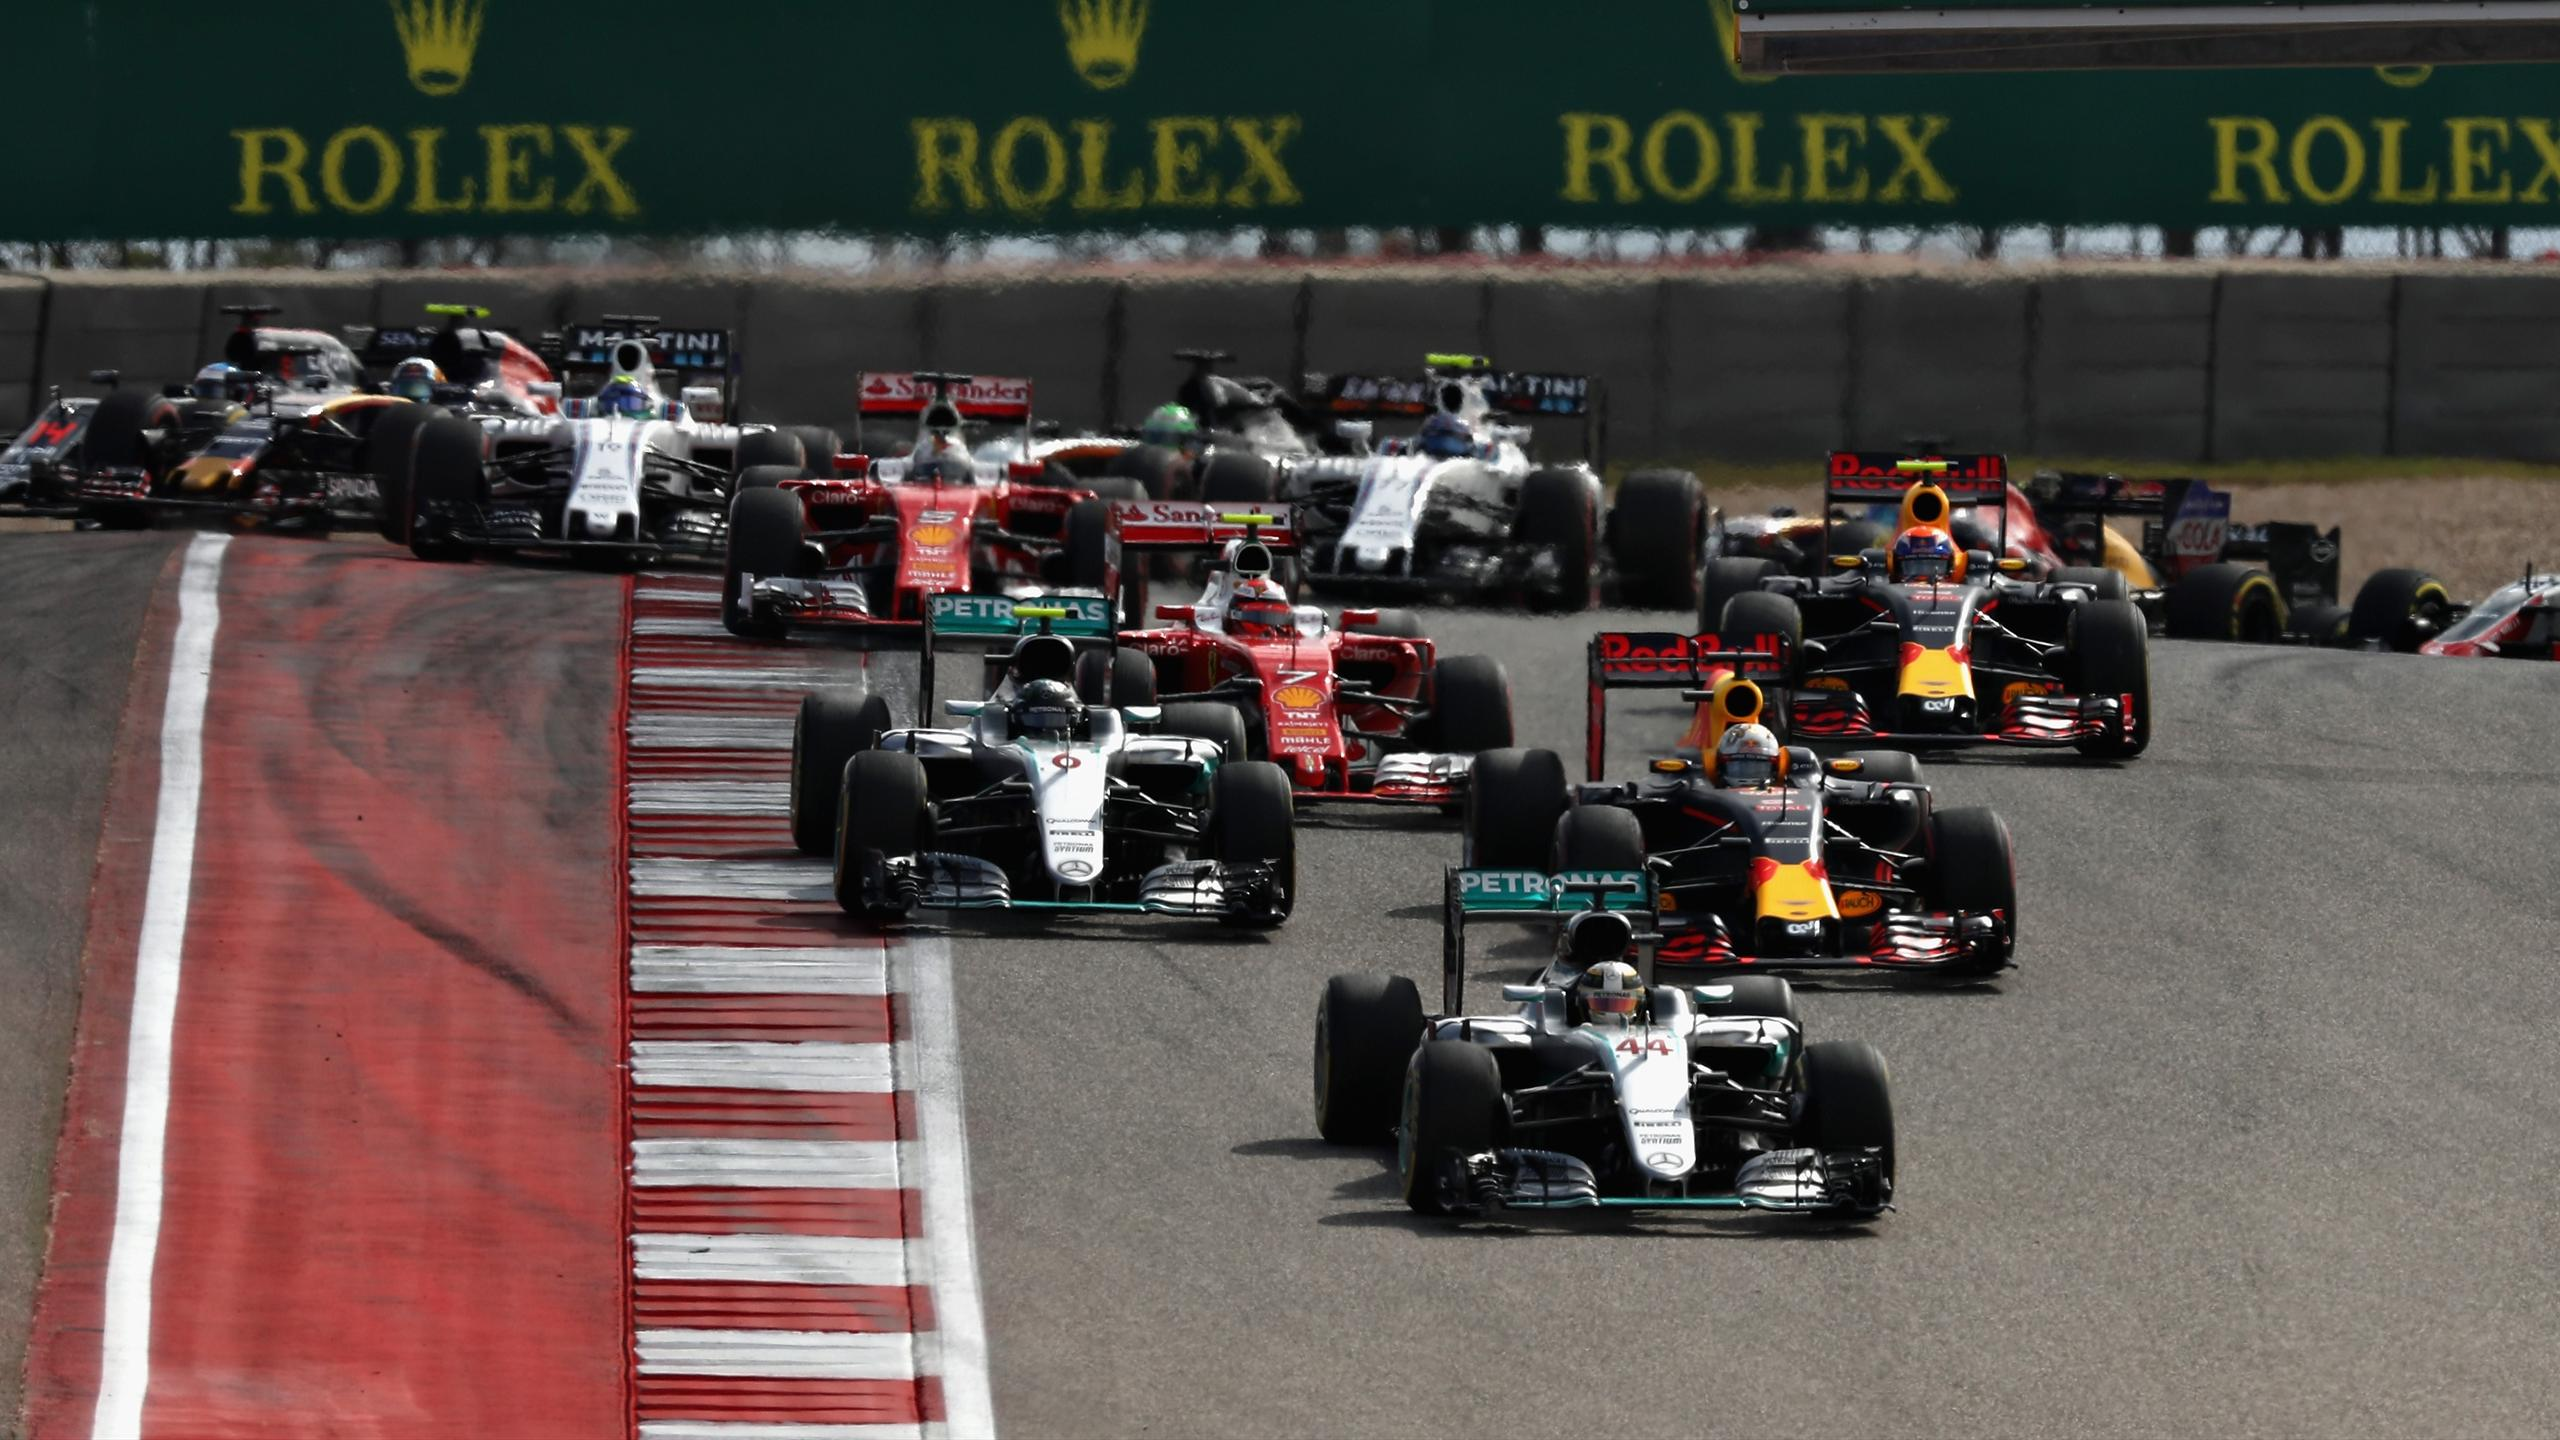 Lewis Hamilton (Mercedes) au Grand Prix des Etats-Unis d'Amérique 2016